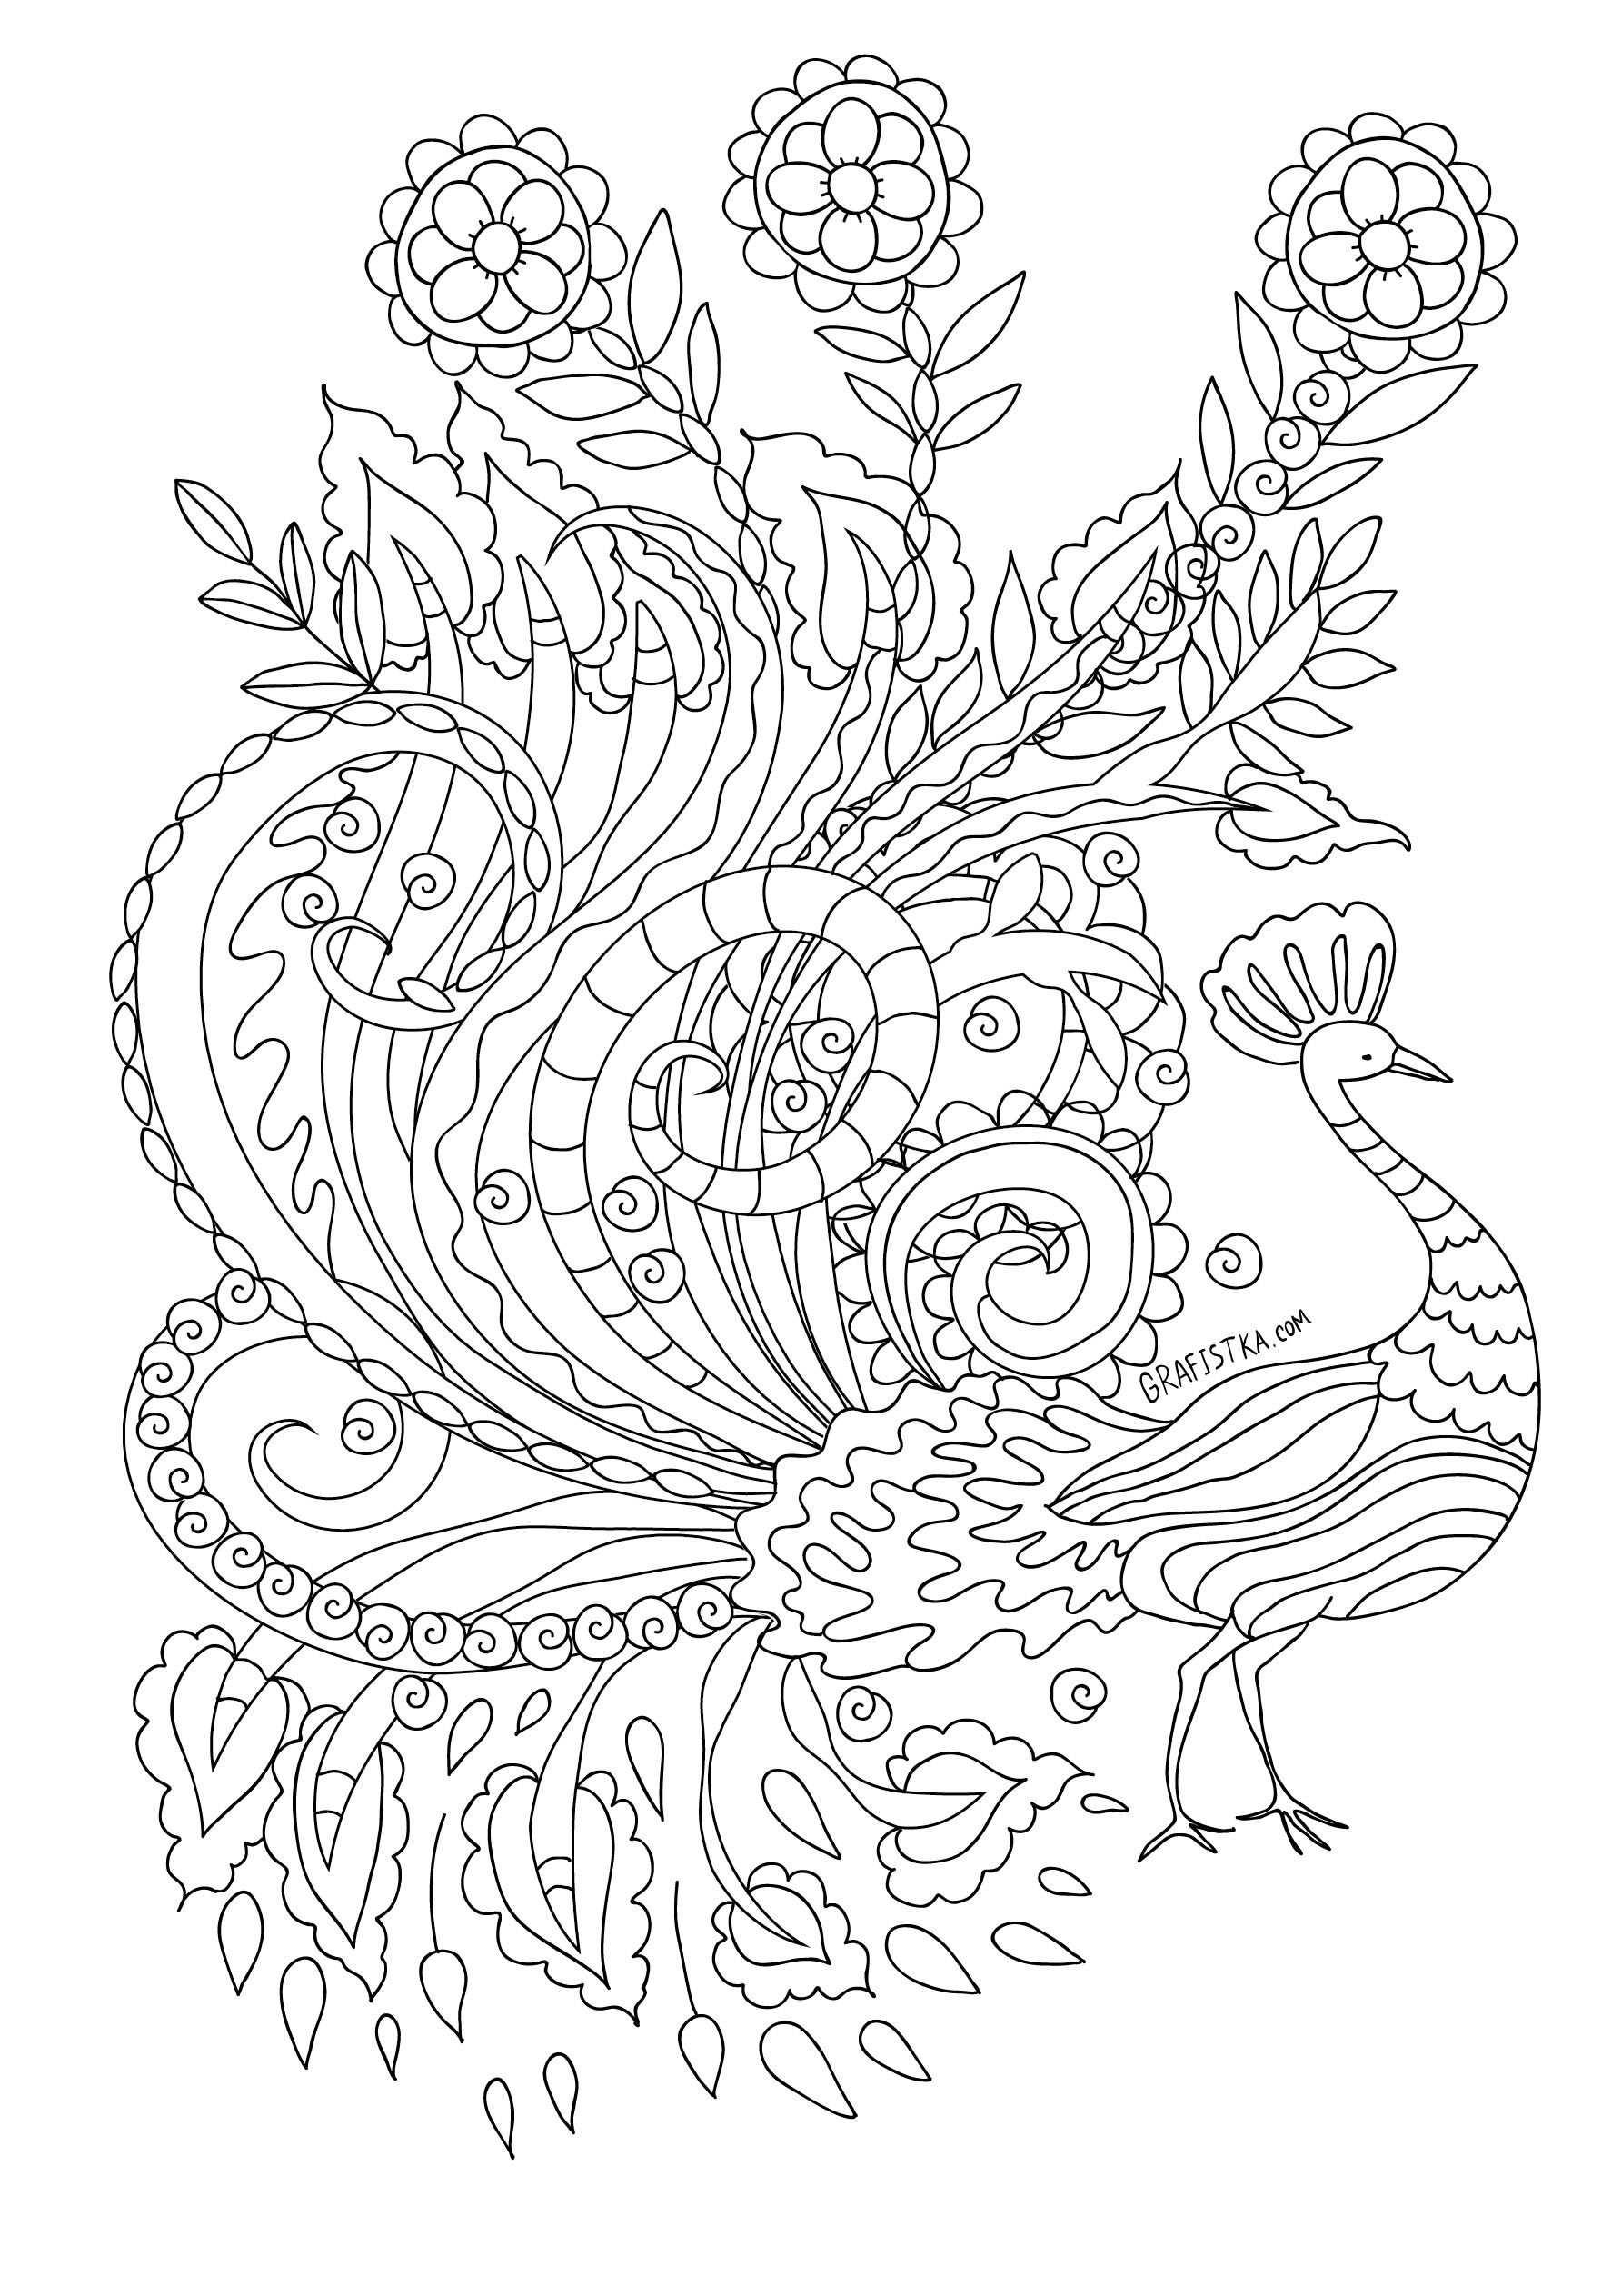 Raskraska Pavlin Kleurplaten Prints Kleurplaten Voor Volwassenen